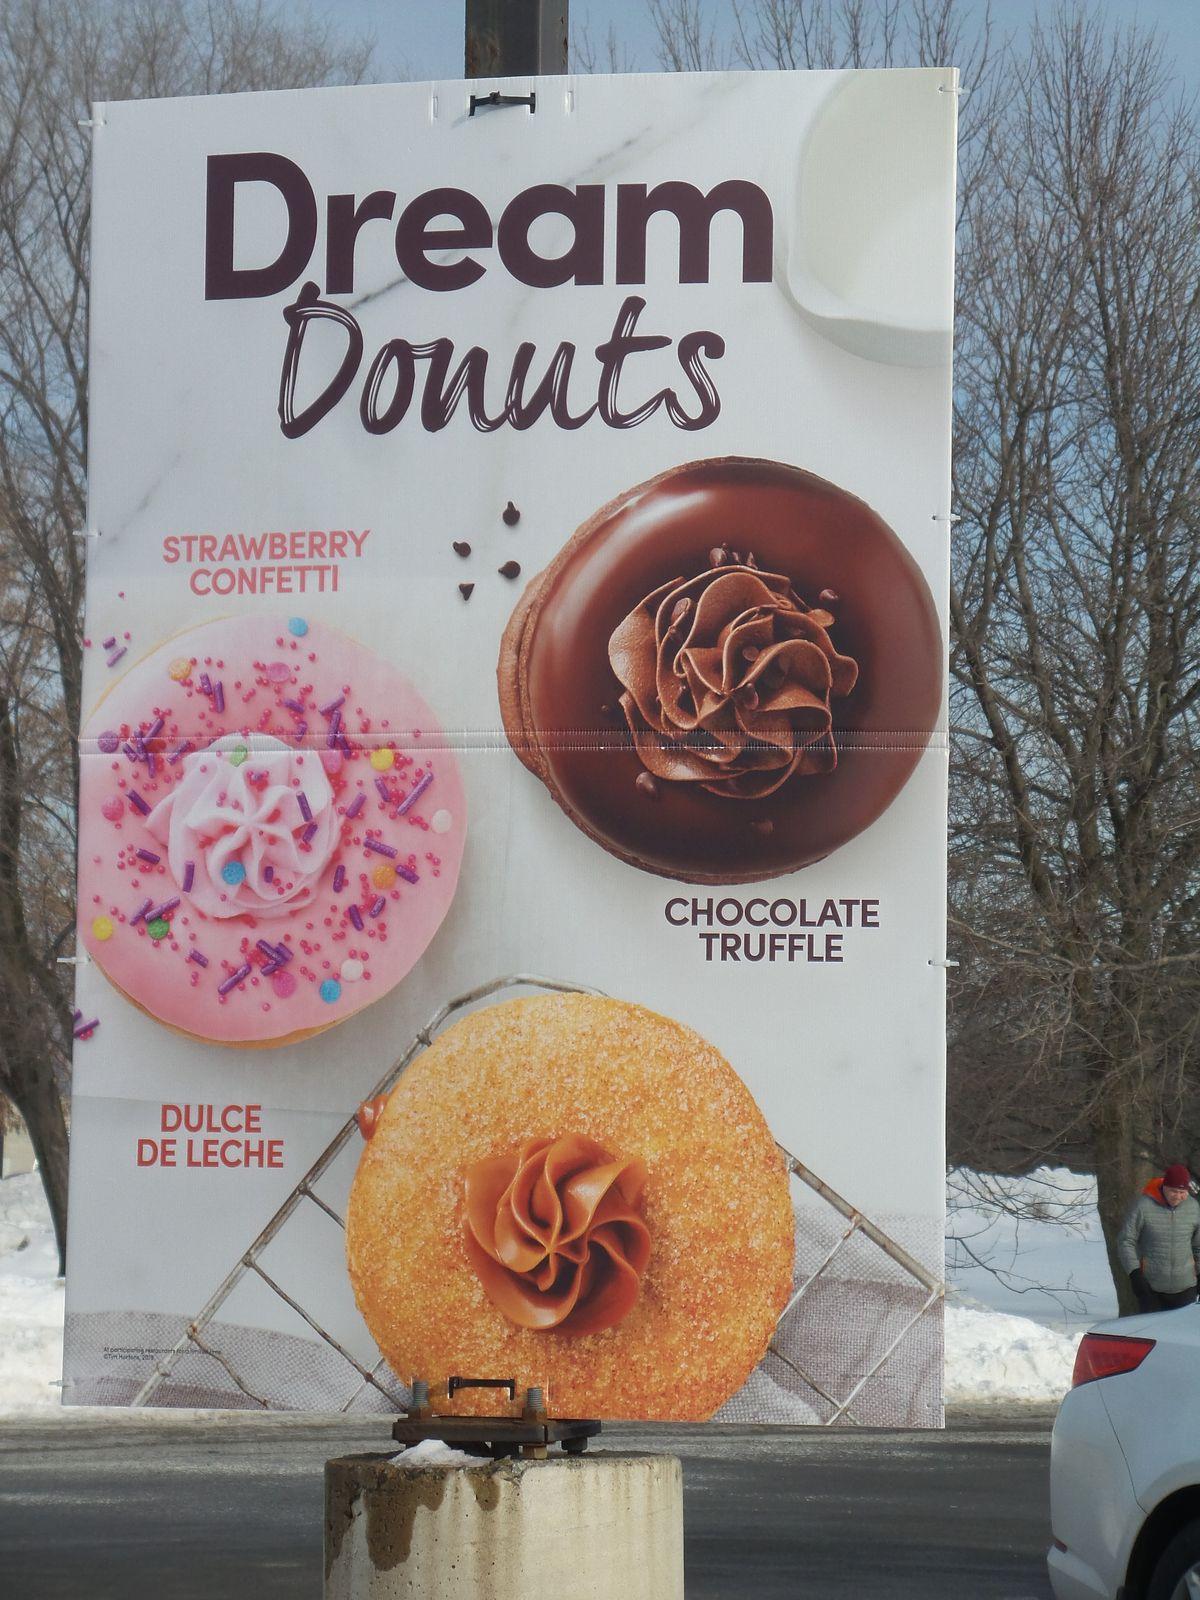 Je crois que vous pouvez deviner quel est mon dream donught préféré